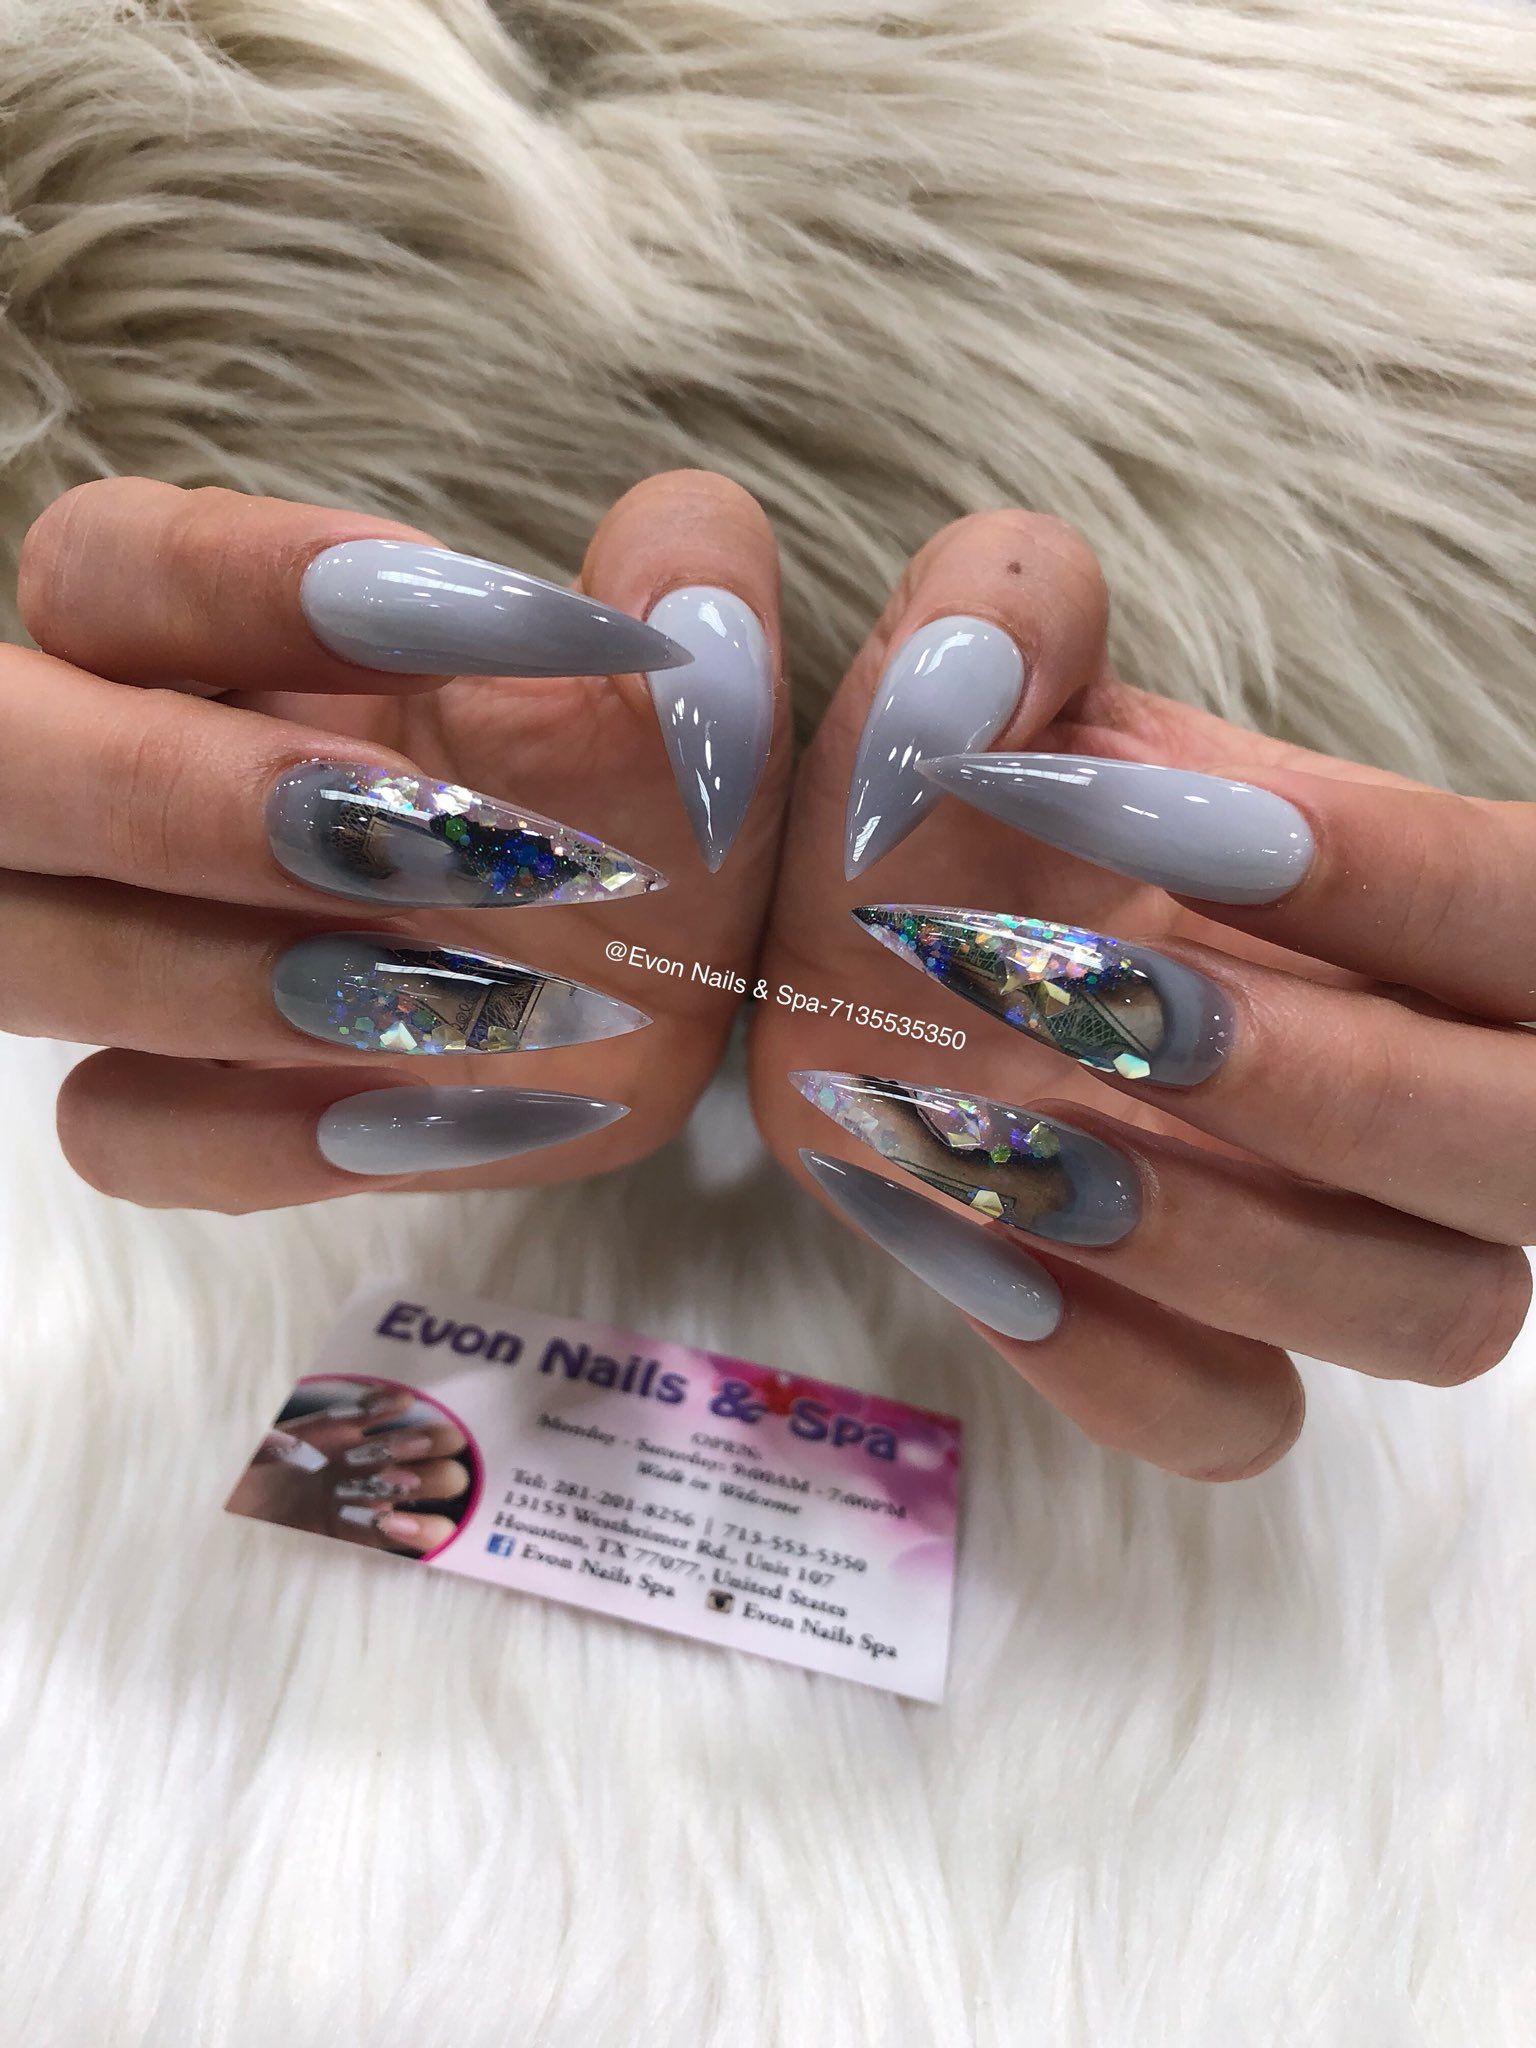 Pin By Lavish Fashions On Nails Nail Games Nail Spa Nails